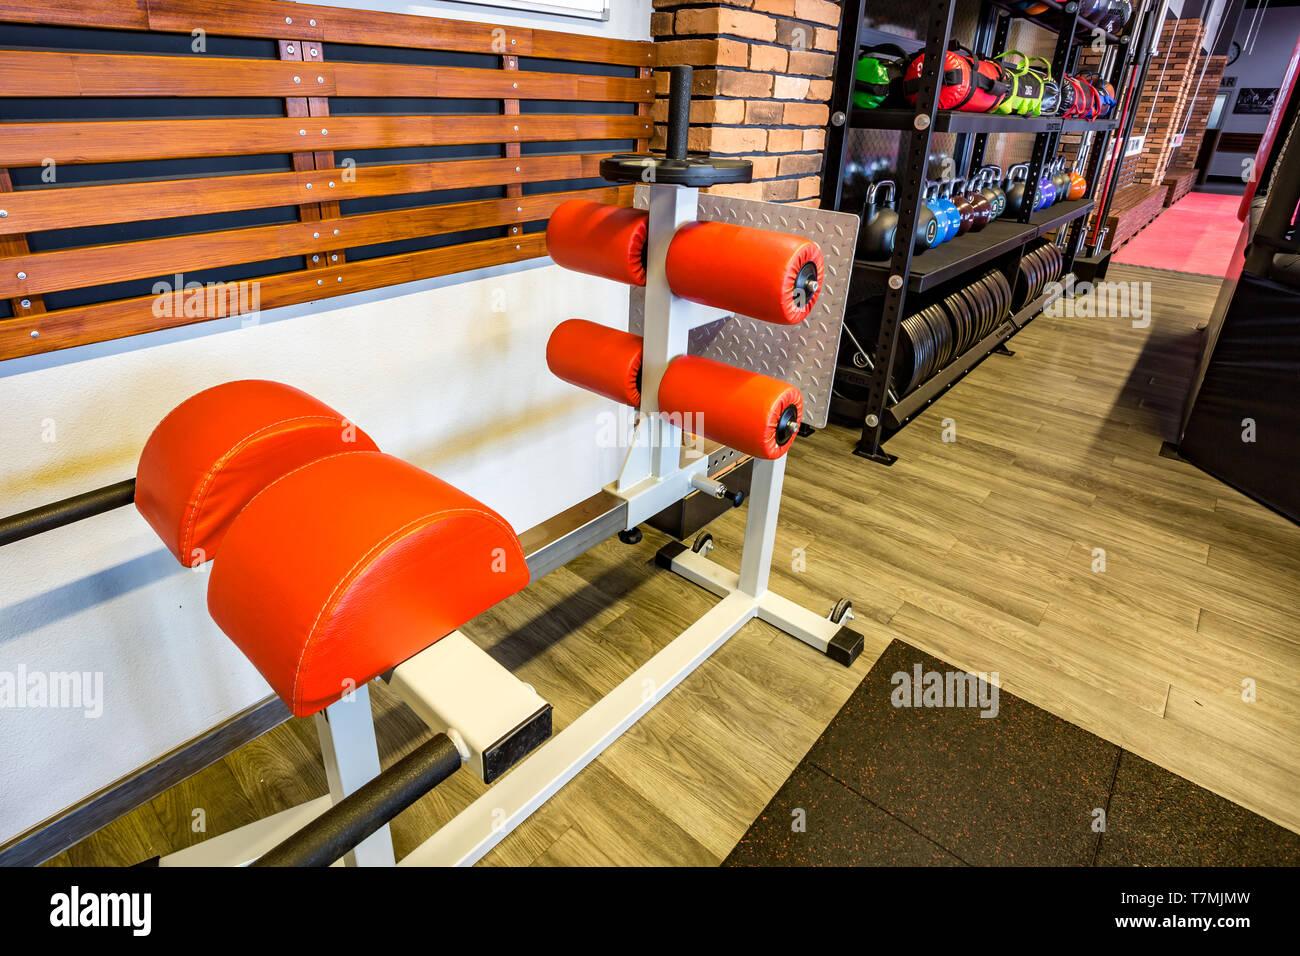 GRODNO, BIELORRUSIA - Abril 2019: Salón de artes marciales con los combates de anillo y saco de arena y simuladores en el moderno club de la lucha Imagen De Stock